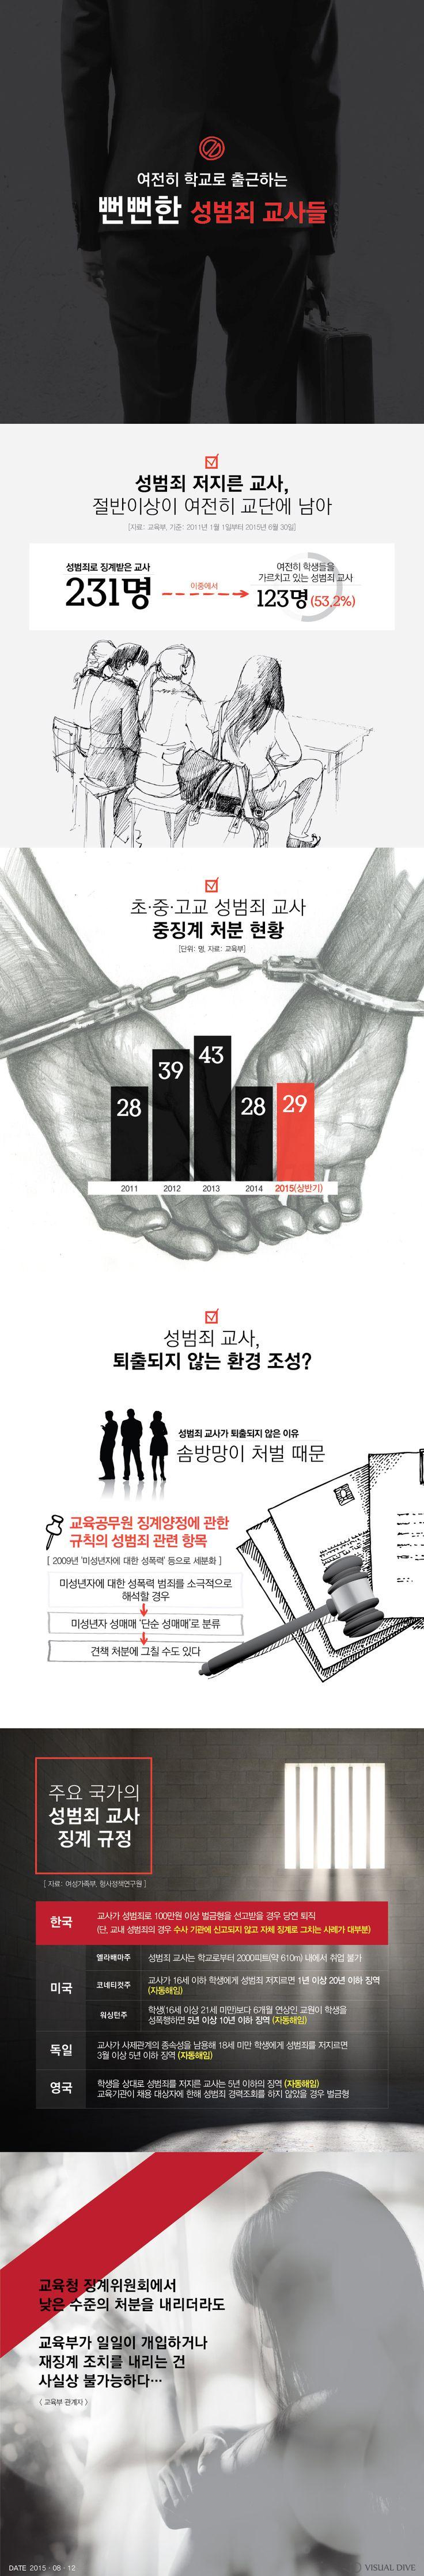 한없이 가벼운 성범죄 교사 처벌…엄격한 기준 재정립 시급 [인포그래픽] #Sexual_Crime / #Infographic ⓒ 비주얼다이브 무단 복사·전재·재배포 금지